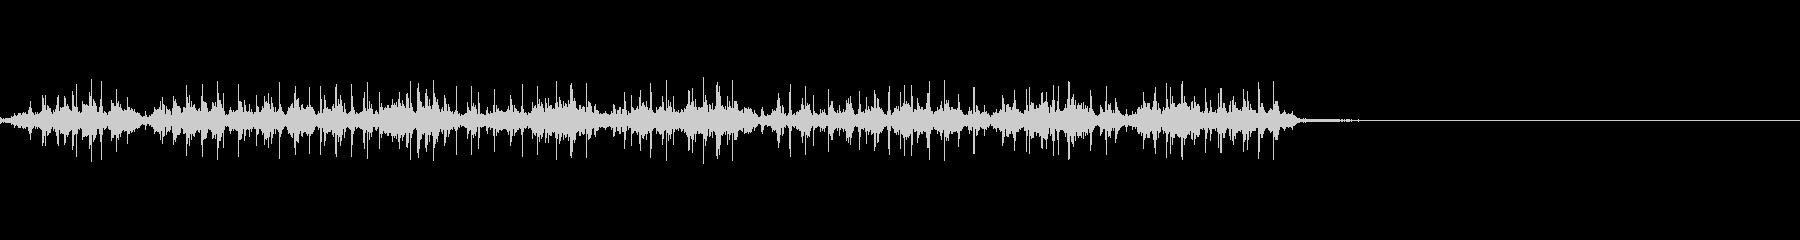 記者会見のシャッター音の未再生の波形